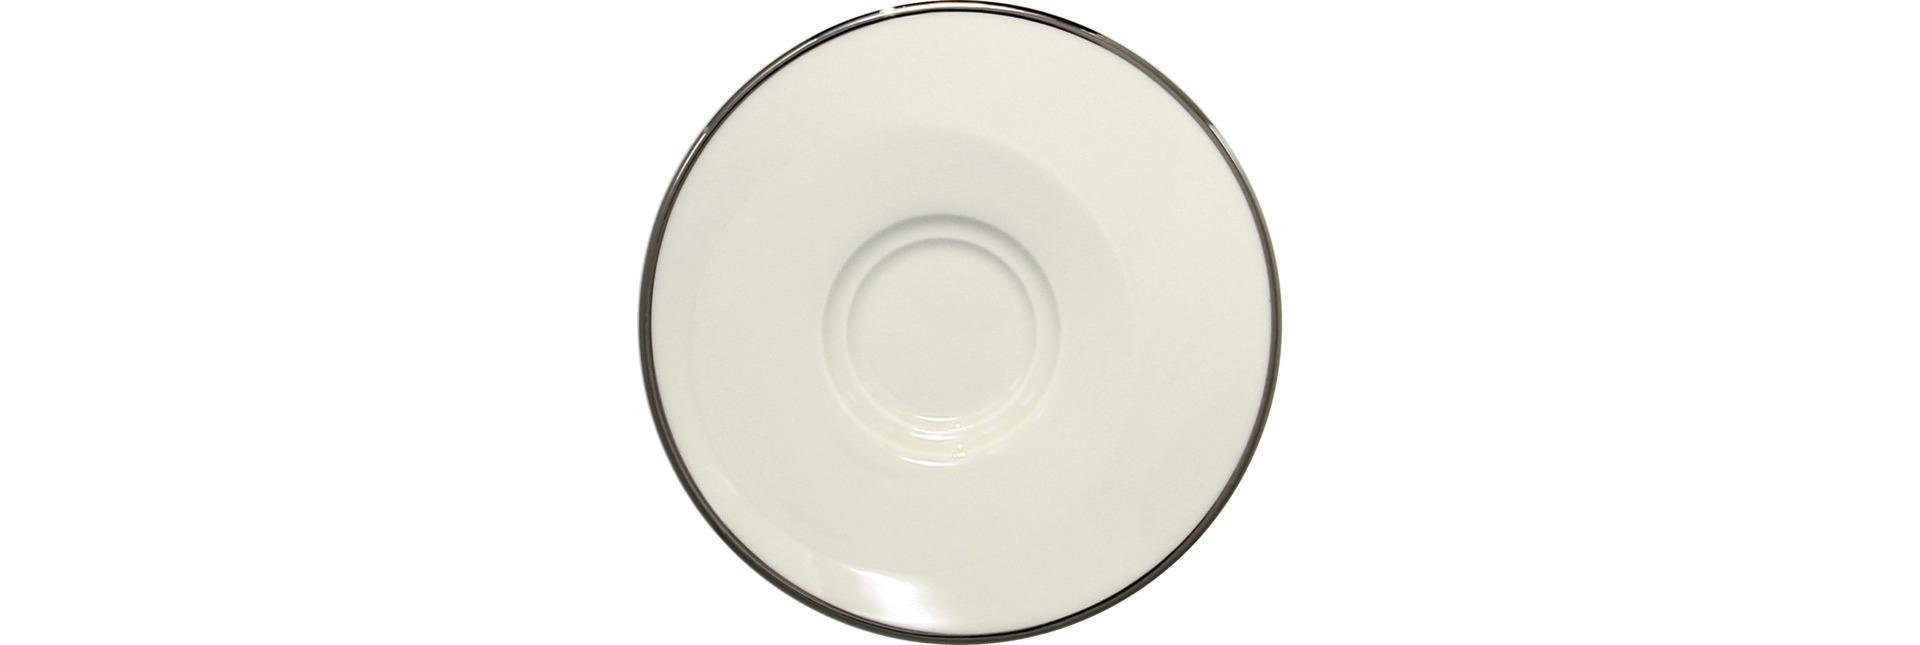 Untertasse 145 mm für GICU09PLA weiß / silber